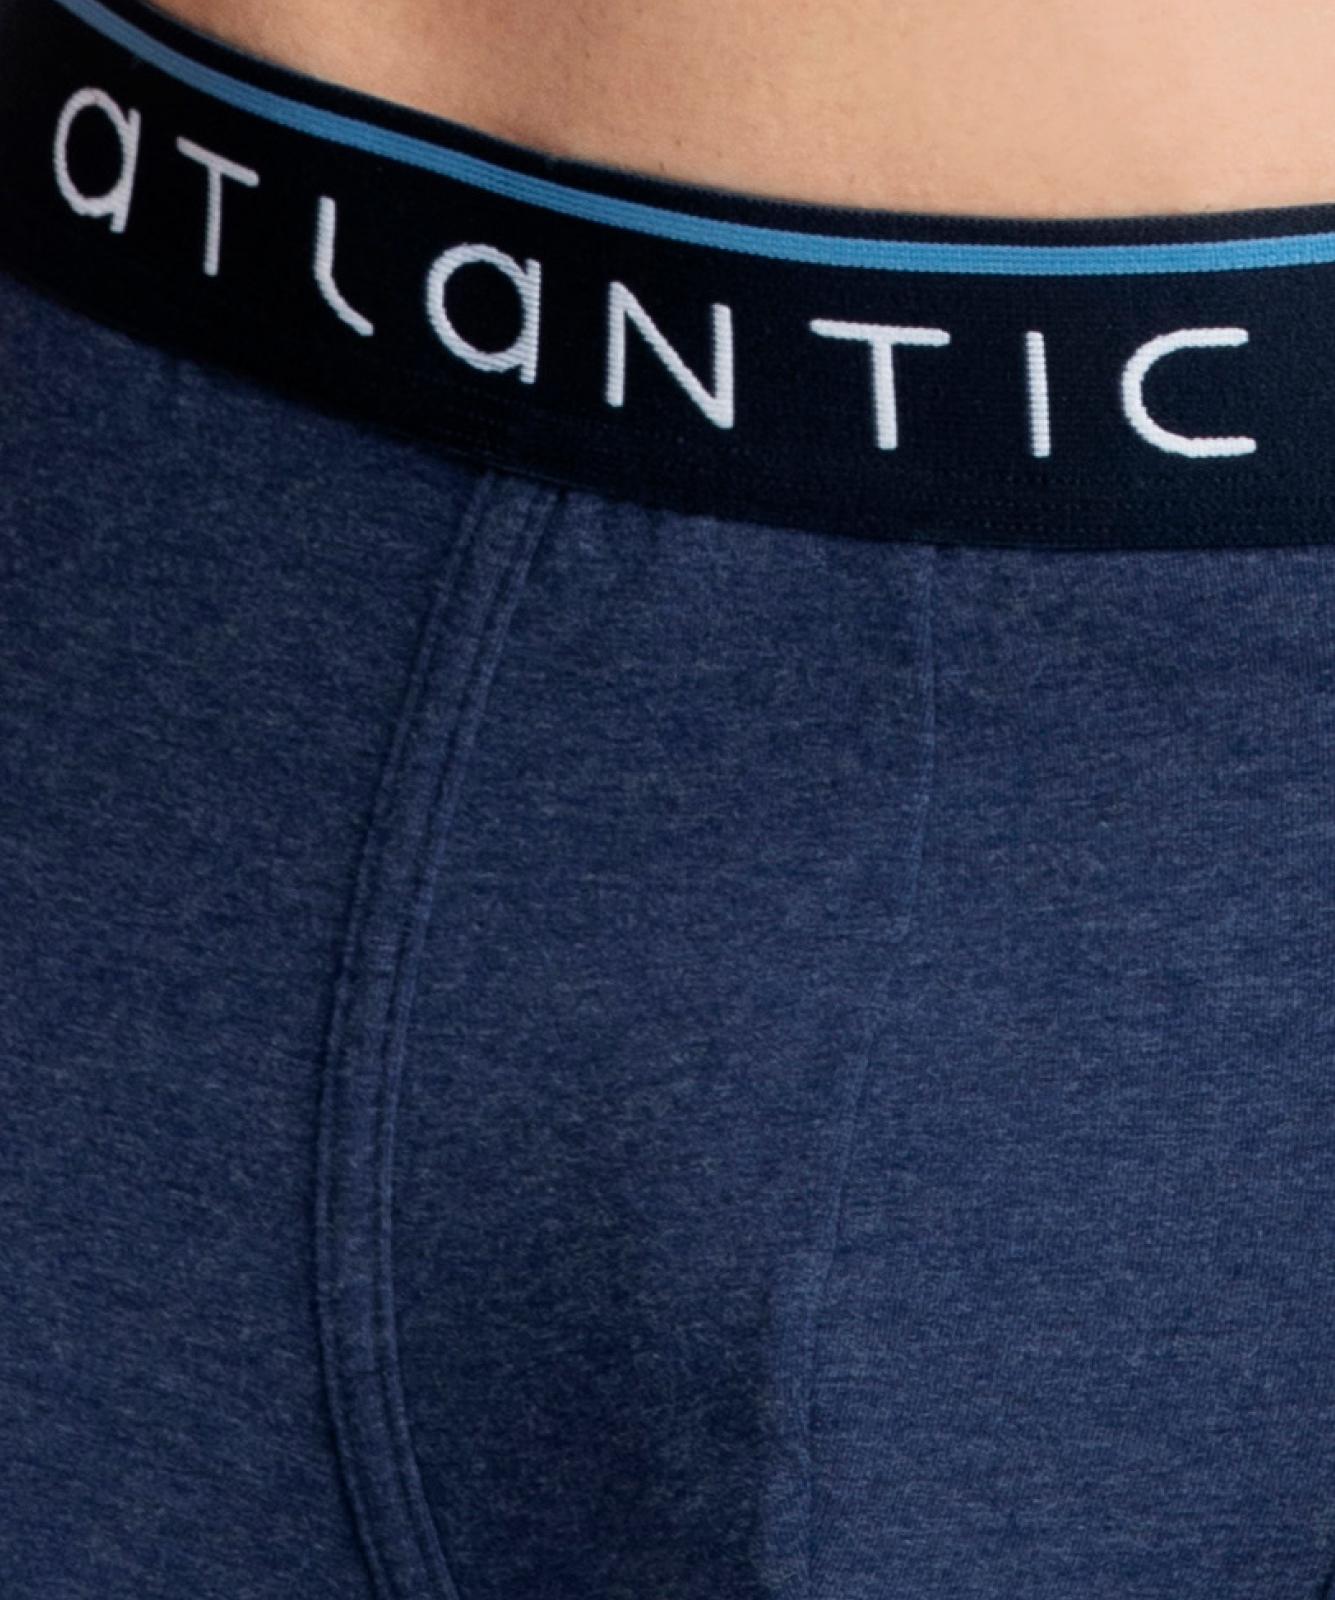 Мужские трусы шорты Atlantic, набор из 2 шт., хлопок, темно-синий + светло-голубой меланж, 2MH-1185